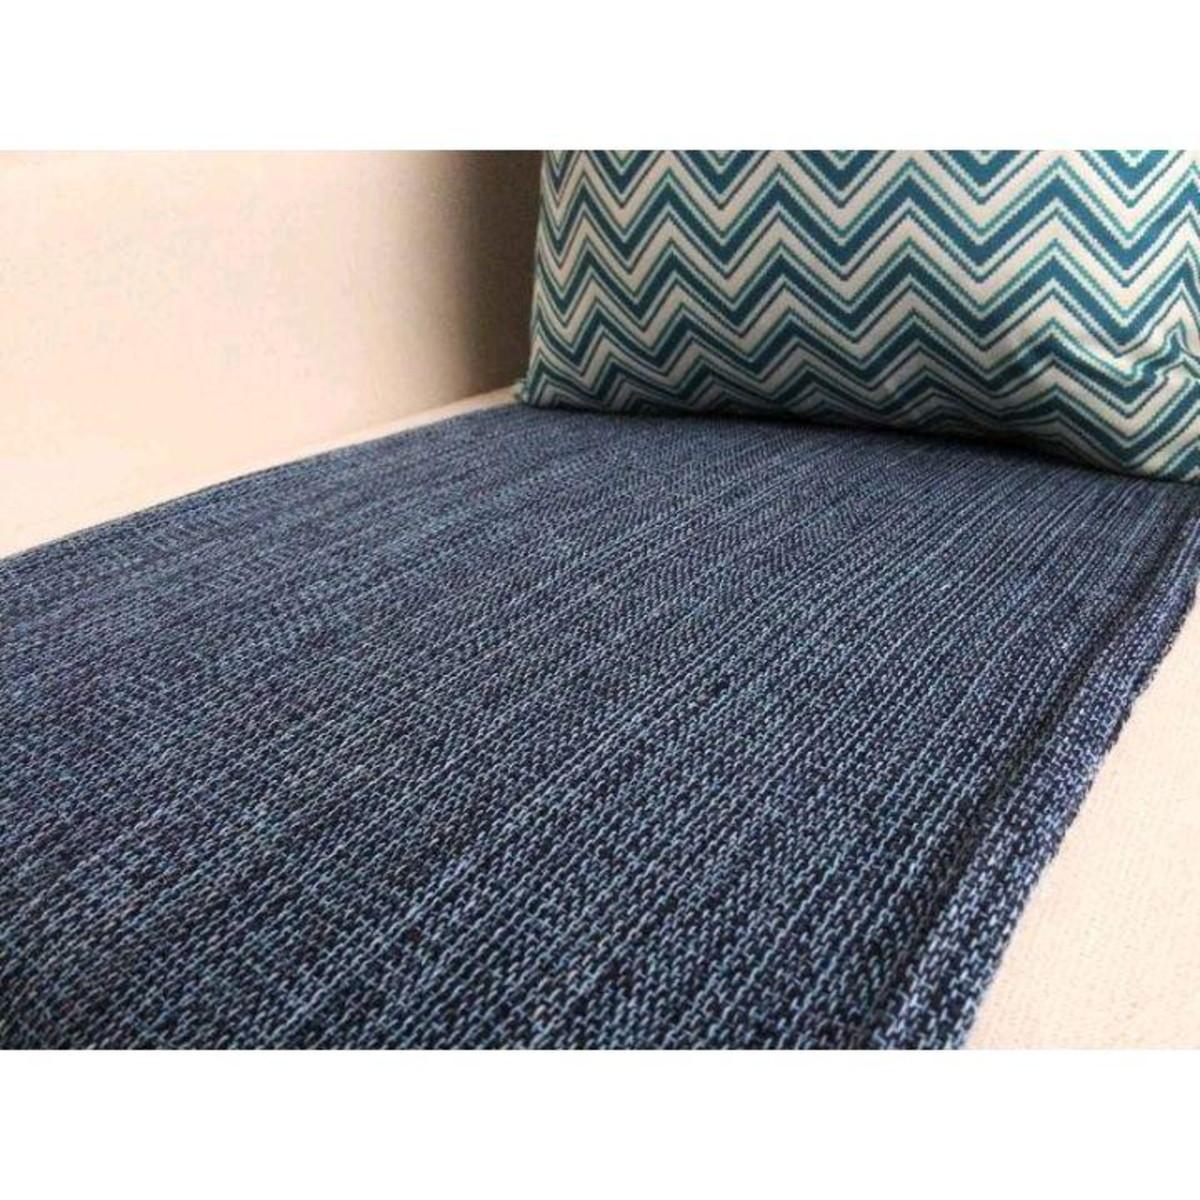 Manta sofá 1,5x2,2m Decorativa Azul jeans no Elo7 ...